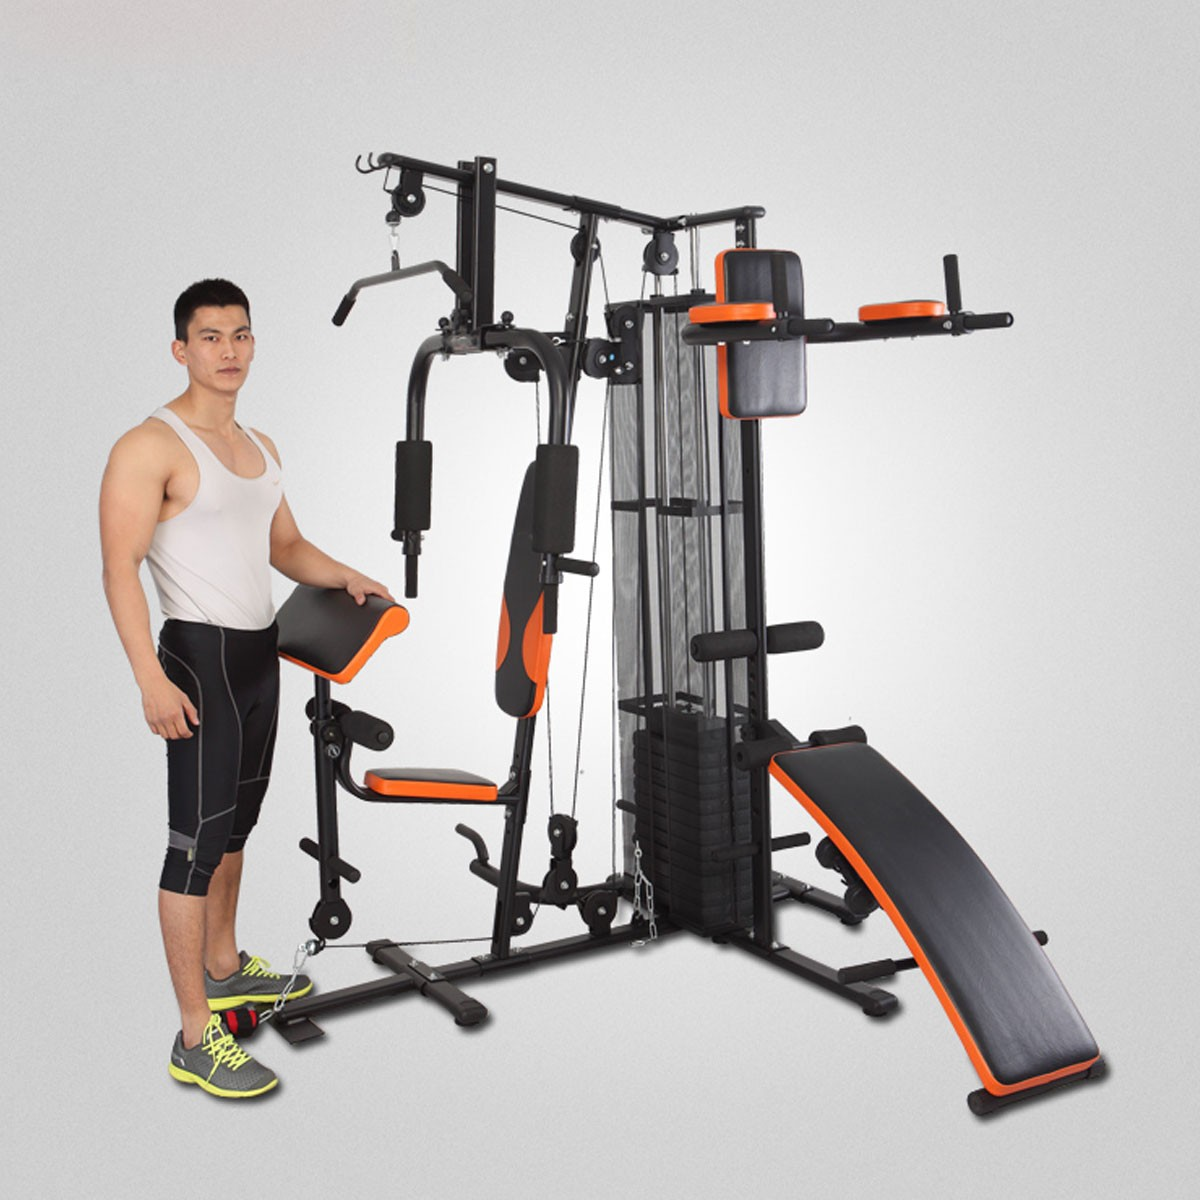 Appareil de Musculation à Domicile de Multi-Fonction pour Multi-utilisateur Simultanément (HG4.1)